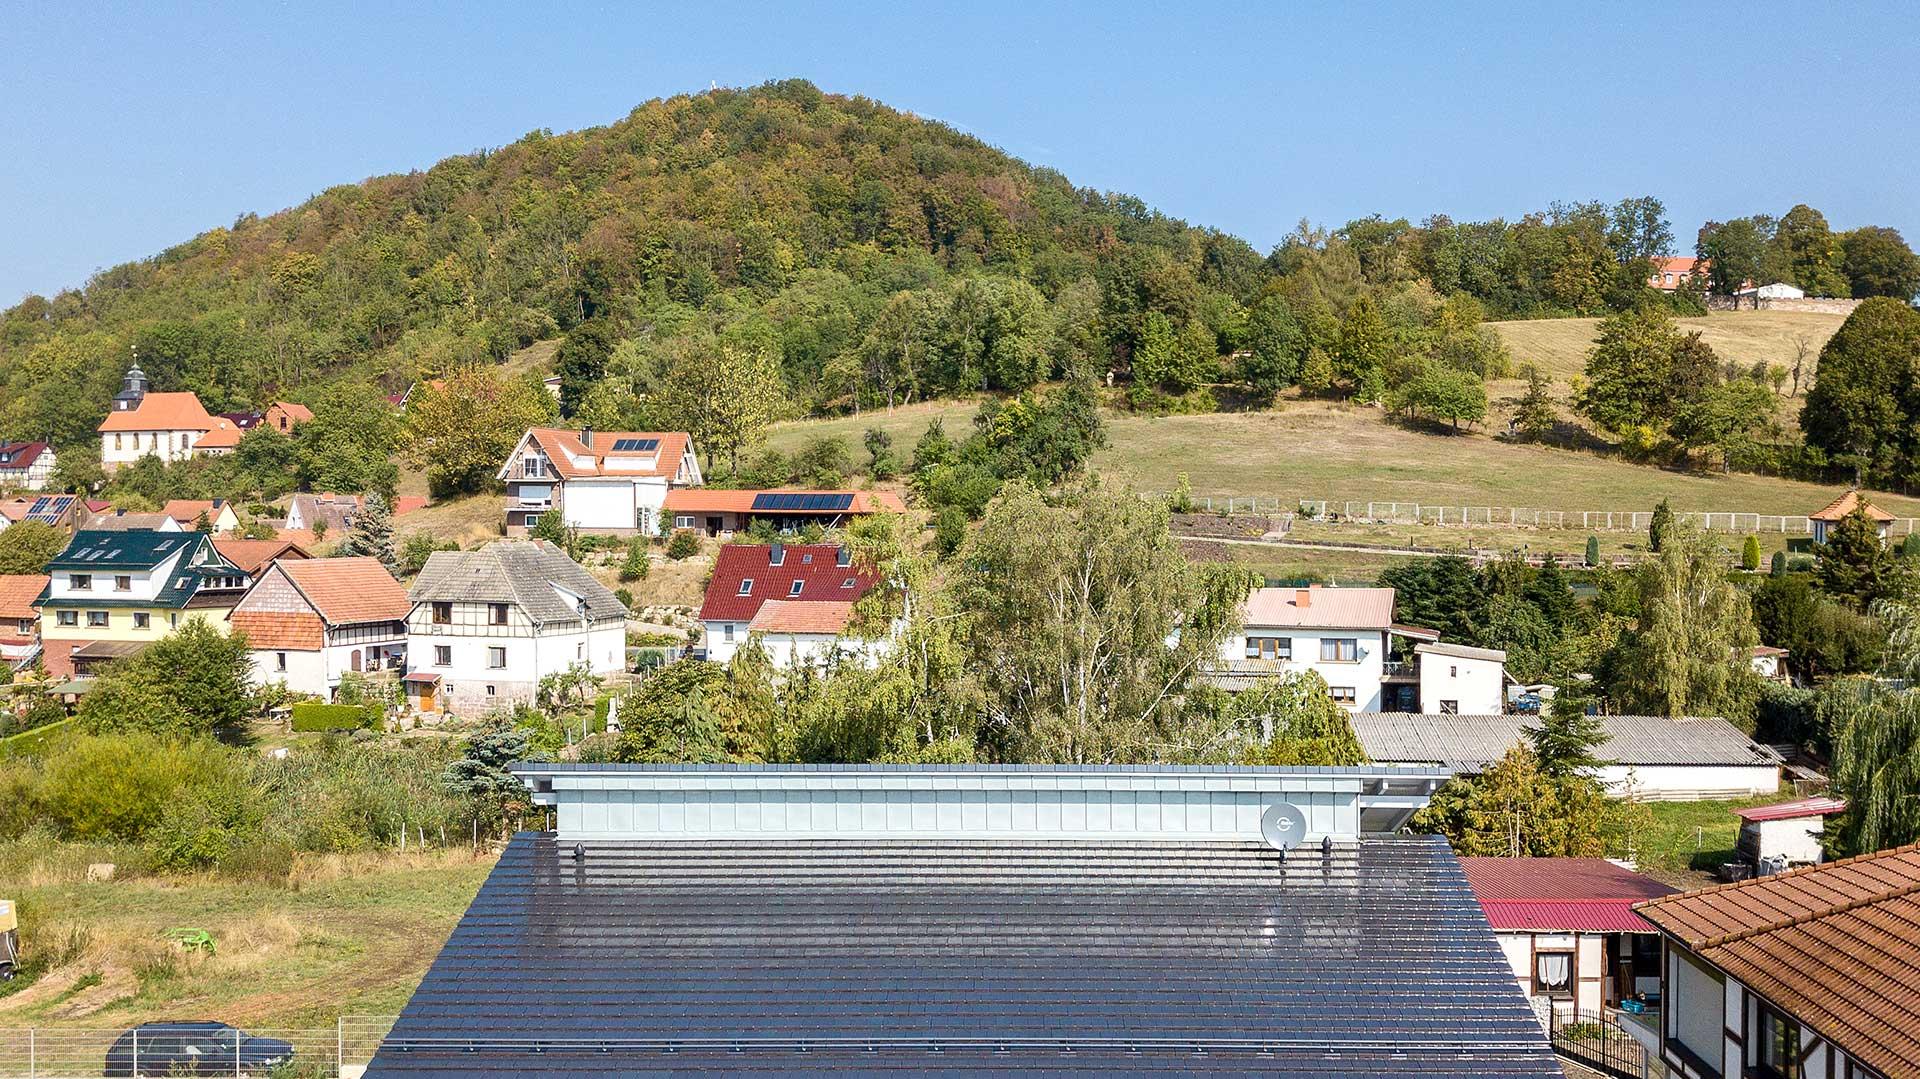 Architekturfotografie, Drohne: Luftaufnahme Dach vor Landschaft | Foto: Dieter Eikenberg, imprints